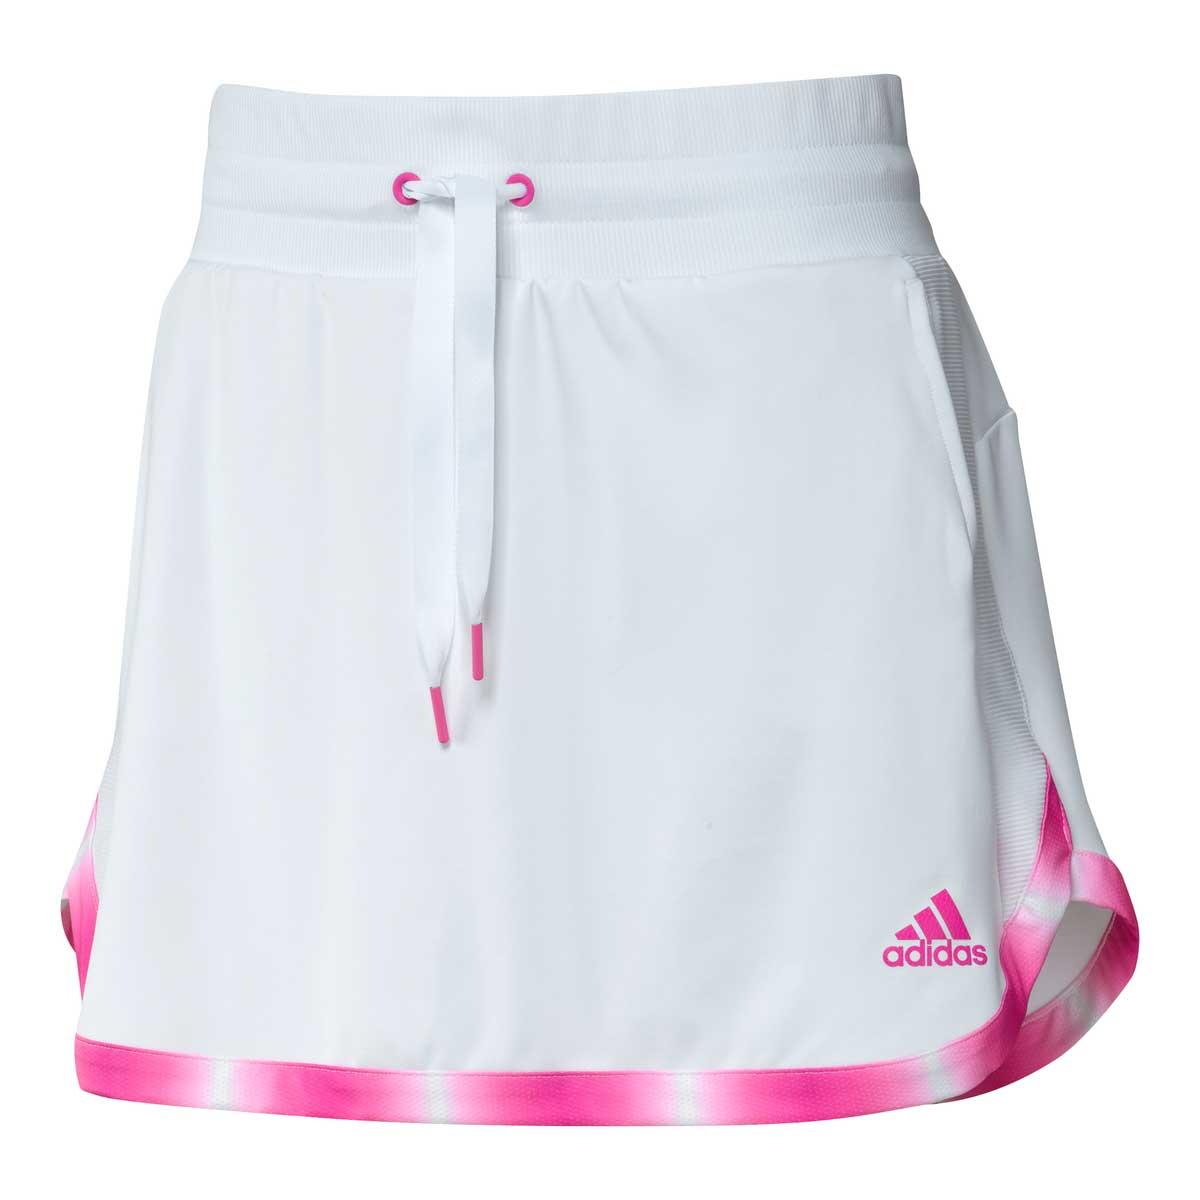 Adidas Women's 15 Inch White/Screaming Pink Gradient Skort